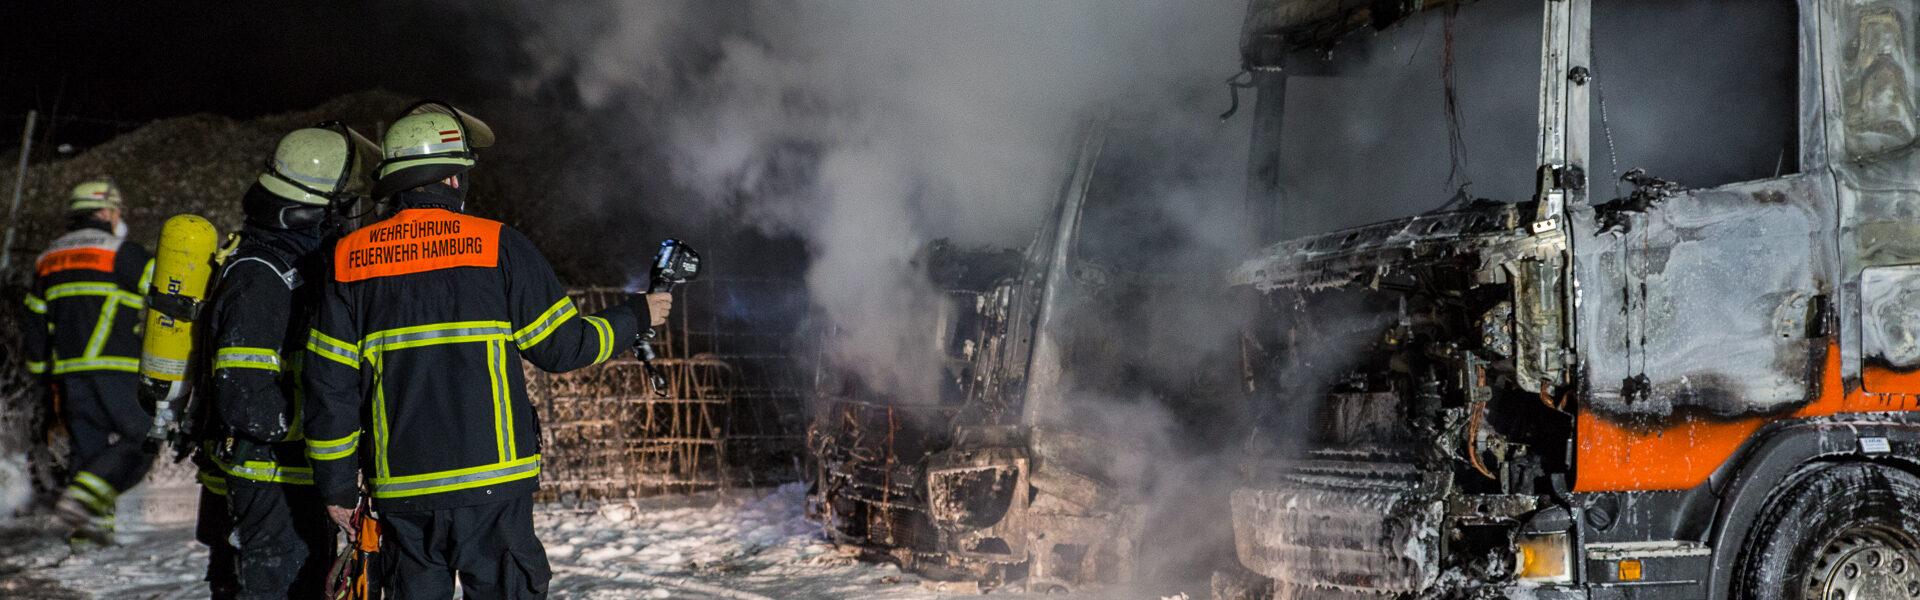 08.02.2021 – Zwei Laster am Stenzelring in Brand gesteckt